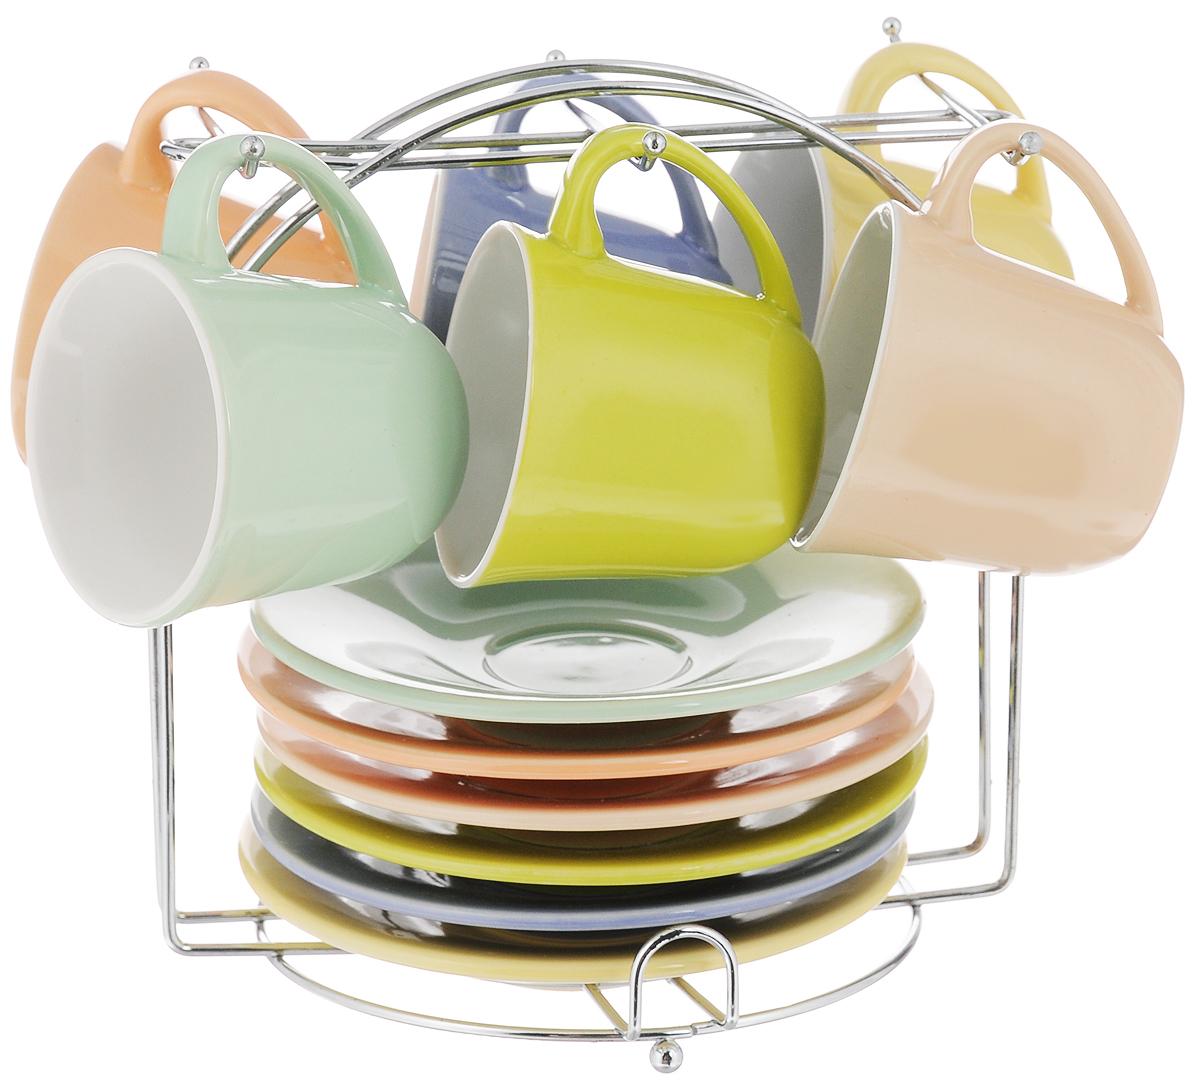 Набор кофейный Loraine, на подставке, 13 предметов. 2486524865Кофейный набор Loraine состоит из 6 чашек, 6 блюдец и подставки. Изделия выполнены из высококачественной керамики, имеют яркий дизайн и размещены на металлической подставке. Такой набор прекрасно подойдет как для повседневного использования, так и для праздников. Можно мыть в посудомоечной машине, использовать в микроволновой печи.Диаметр чашки (по верхнему краю): 6 см. Высота чашки: 5,5 см. Диаметр блюдца: 12 см. Высота блюдца: 2 см.Объем чашки: 80 мл. Размер подставки: 15,5 х 13,5 х 16 см.